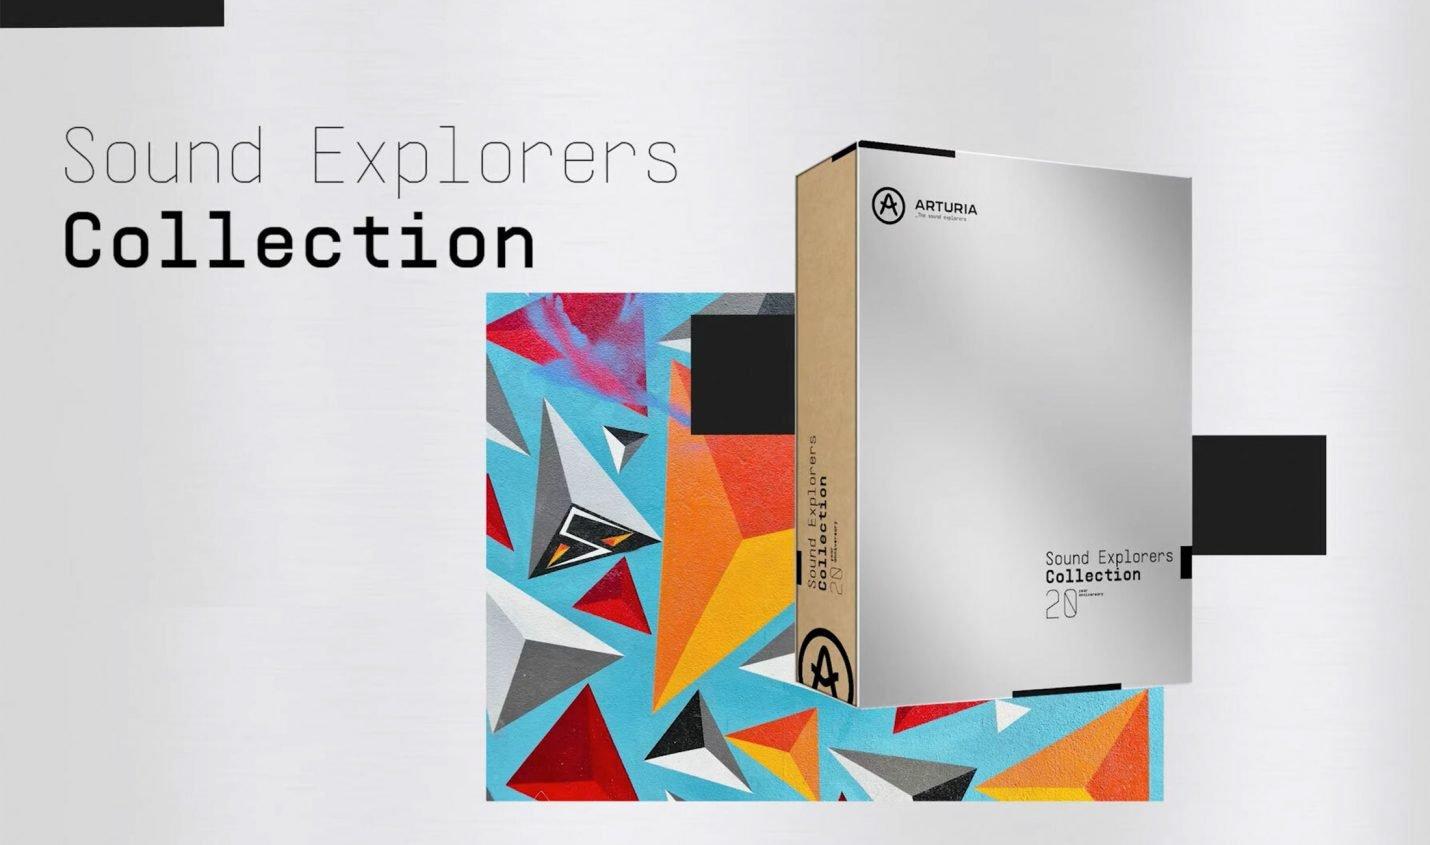 Arturia veröffentlicht Sound Explorers Collection zum 20-Jährigen Jubiläum